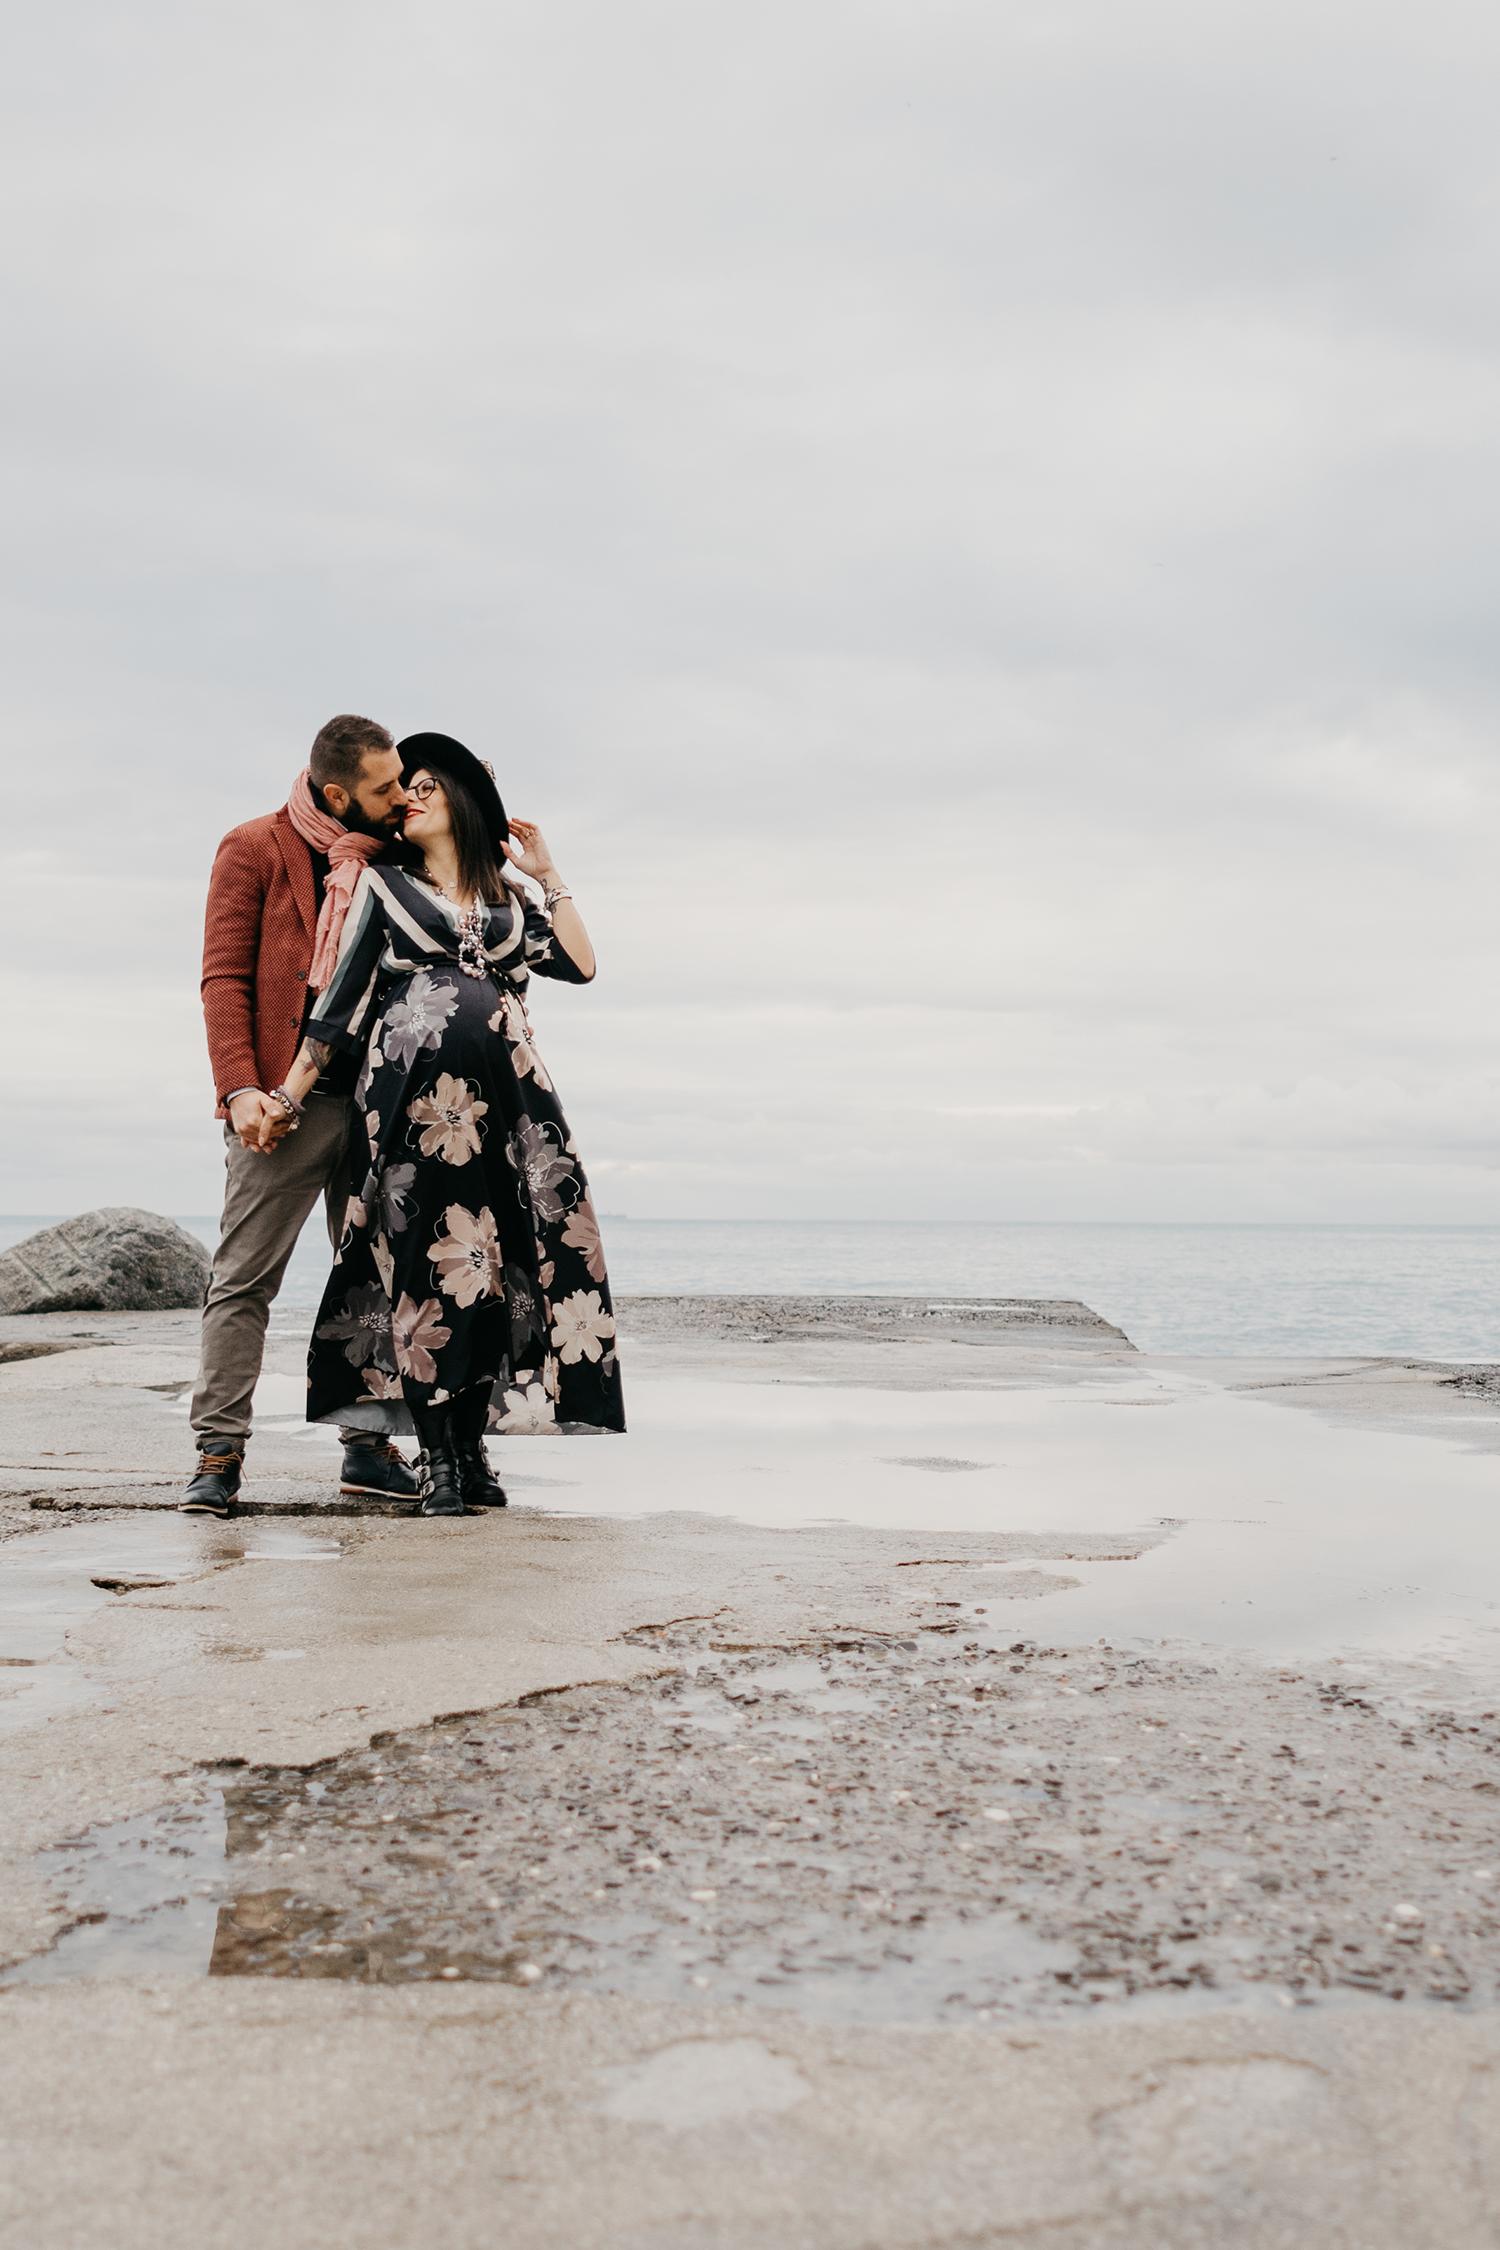 Rebecca Rinaldi fotografia gravidanza e maternità. Servizio fotografico gravidanza a Camogli, Genova. Coppia si bacia sul molo.